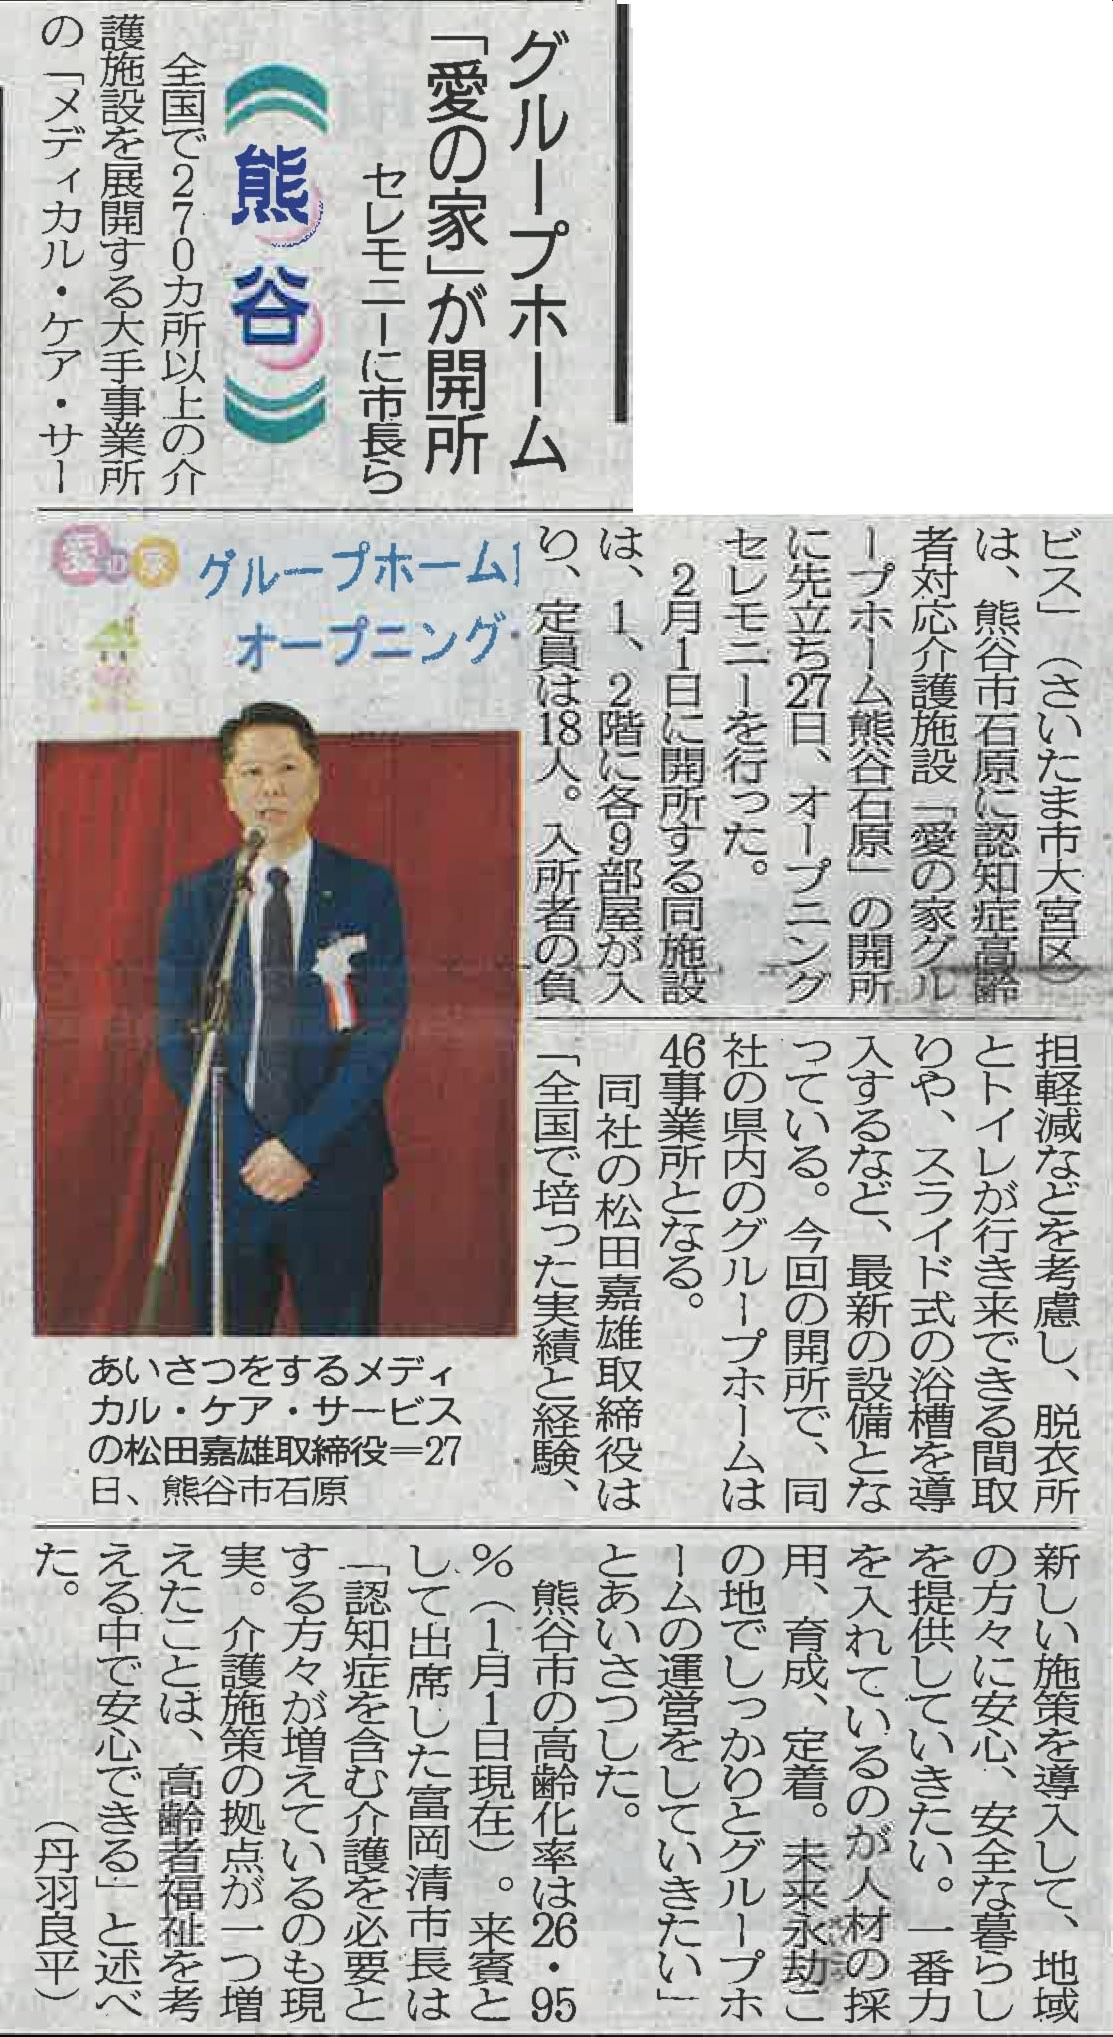 20170131_埼玉新聞_GH熊谷石原